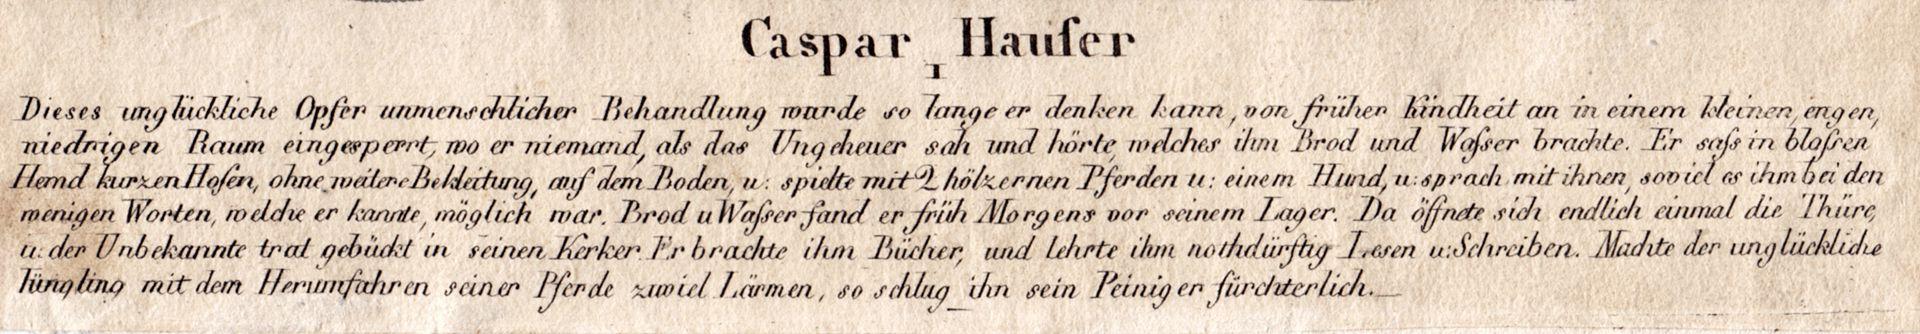 Caspar Hauser I Bildunterschrift